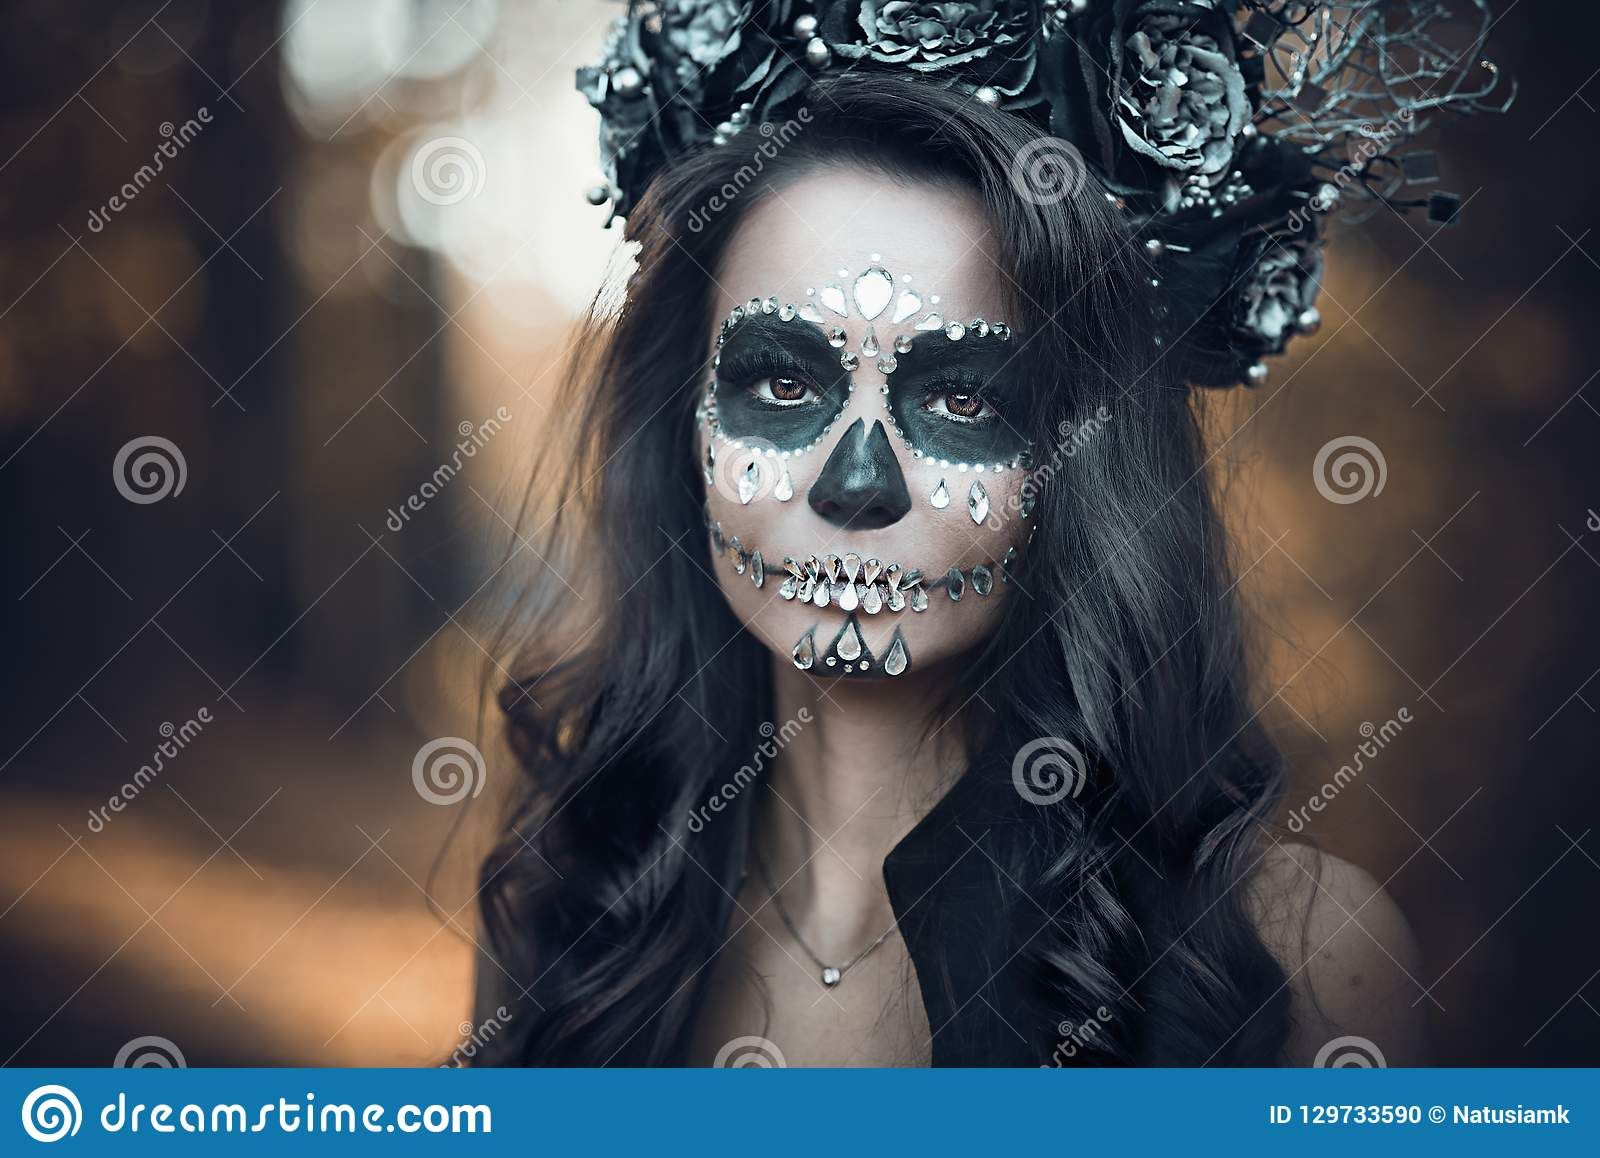 Closeupstående av Calavera Catrina i svart klänning Sockerskallemakeup de diameter los muertos död dag halloween